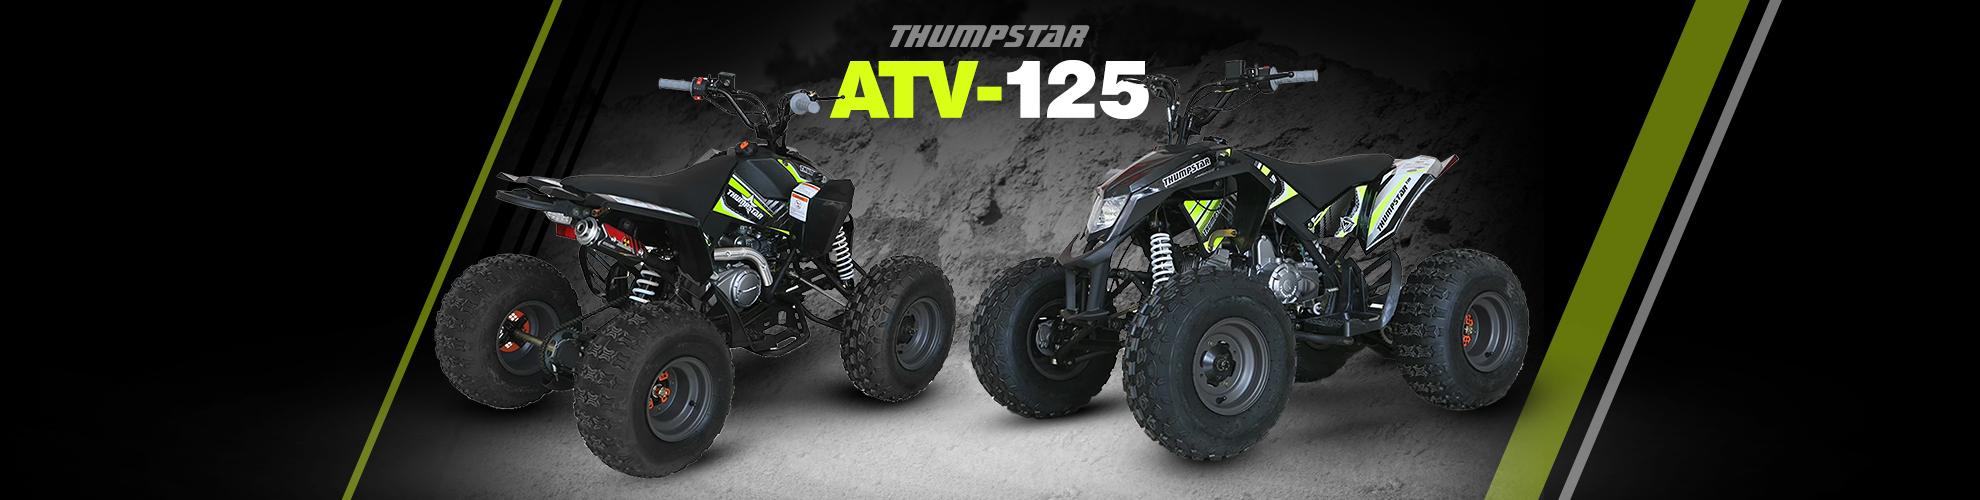 Thumpstar - ATV 125cc Quad Bike Banner for Desktop